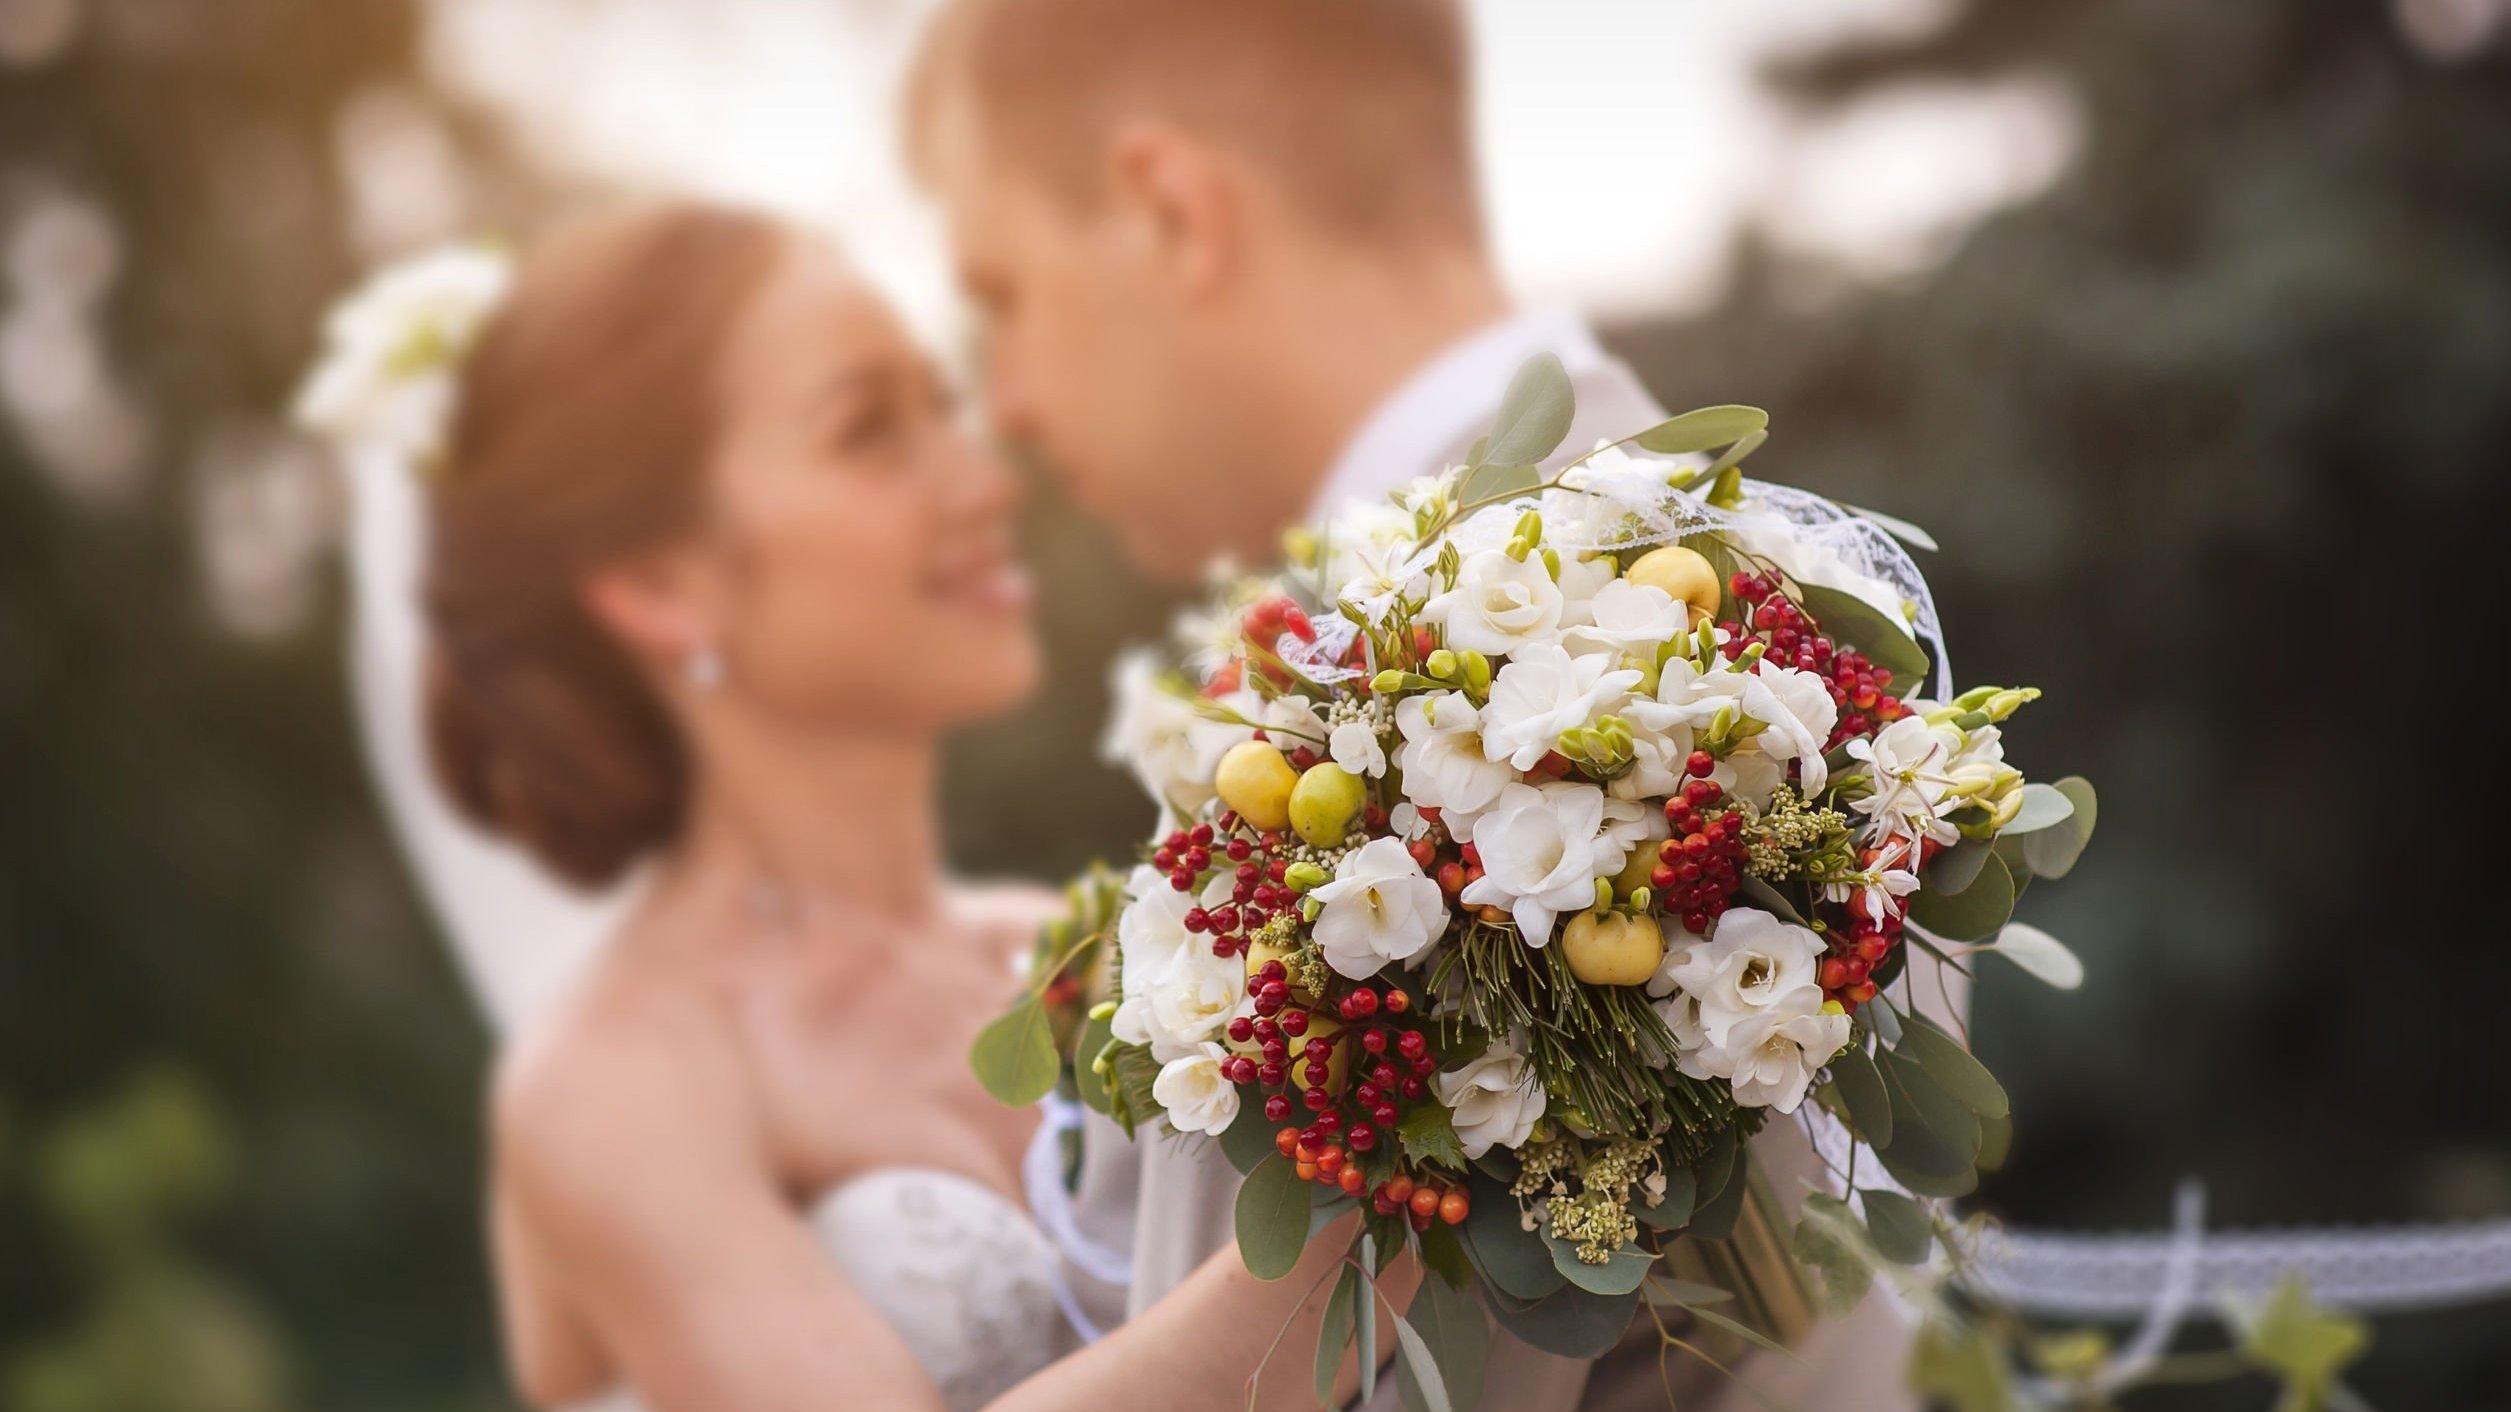 Noiva segurando um buquê de flores enquanto abraça o noivo